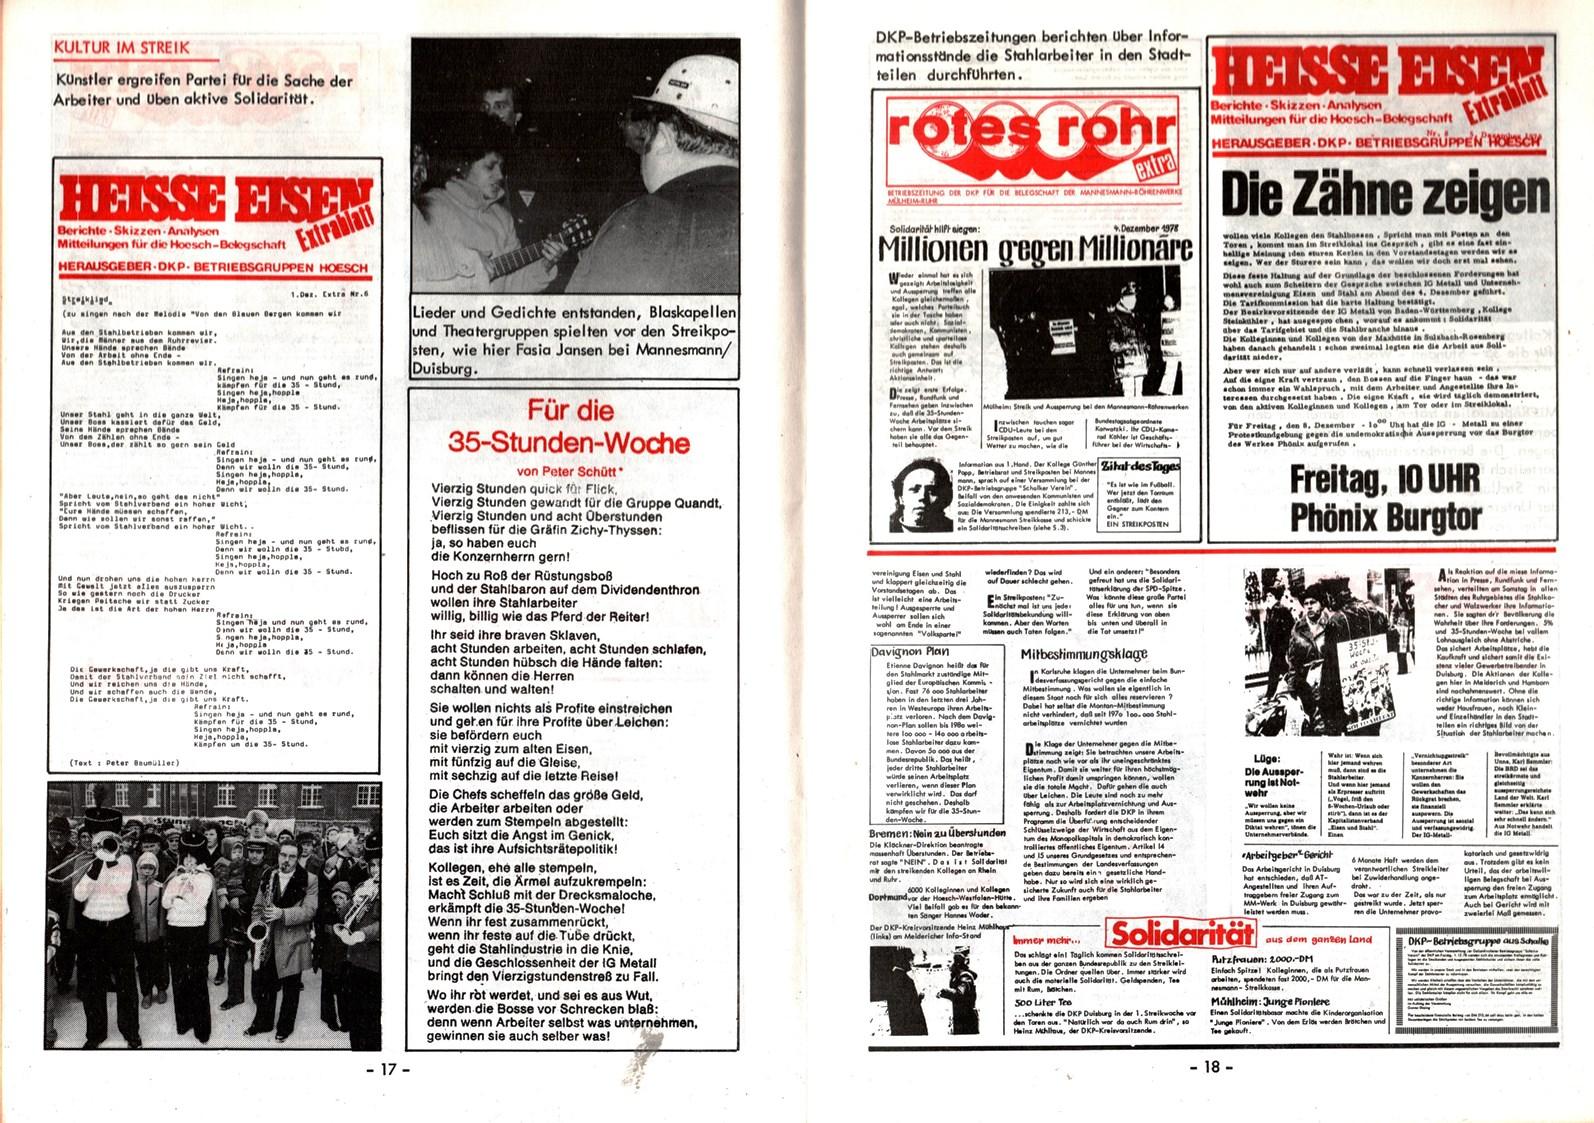 NRW_DKP_Stahlarbeiterstreik_1978_1979_010